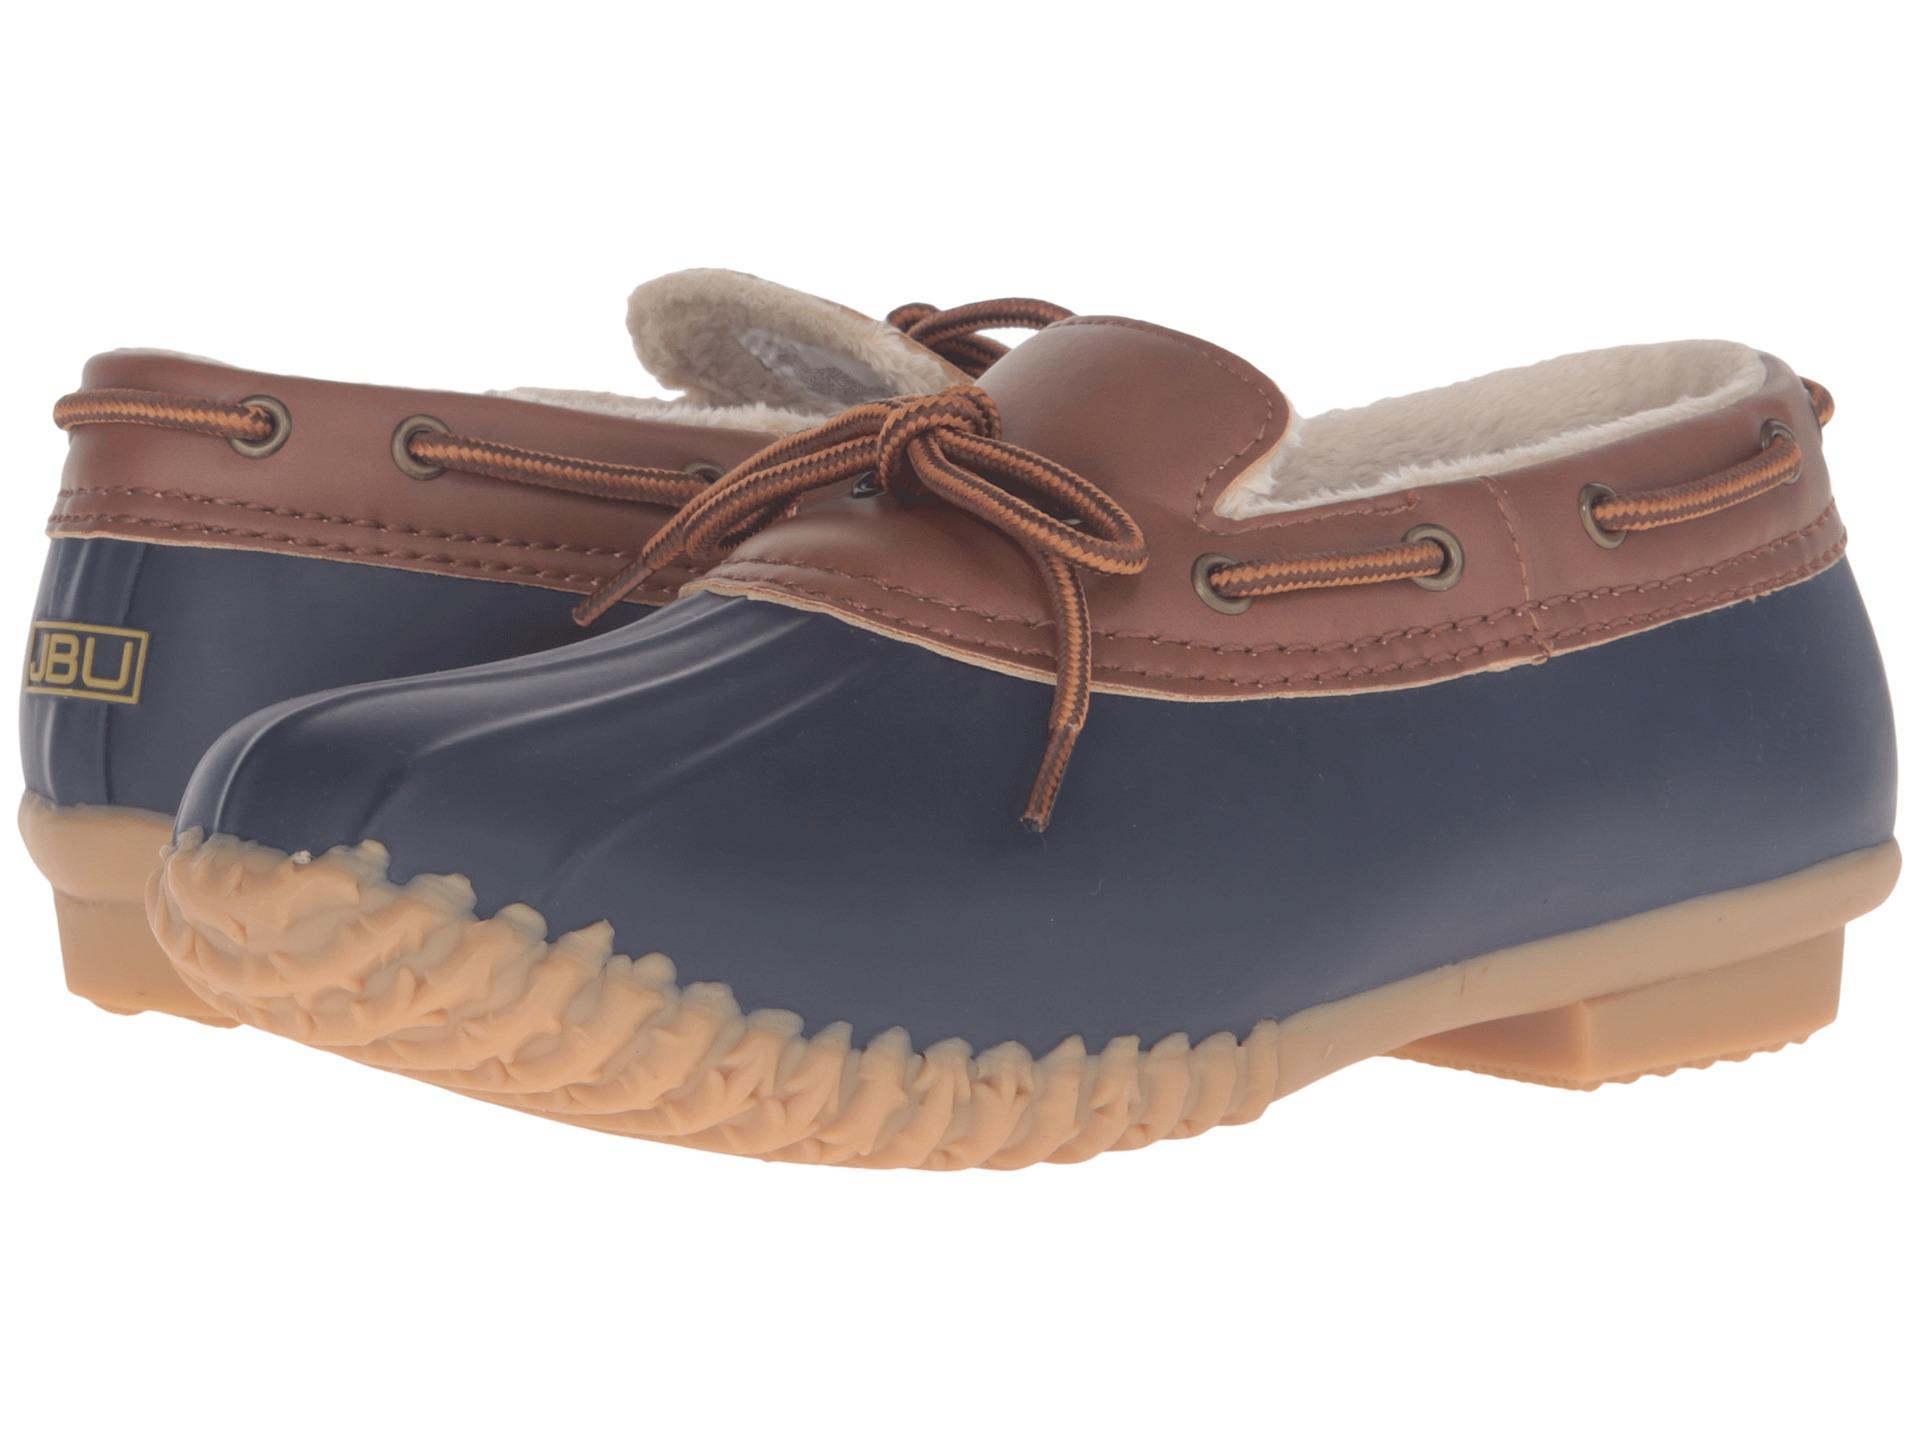 Jbu Shoes For Men